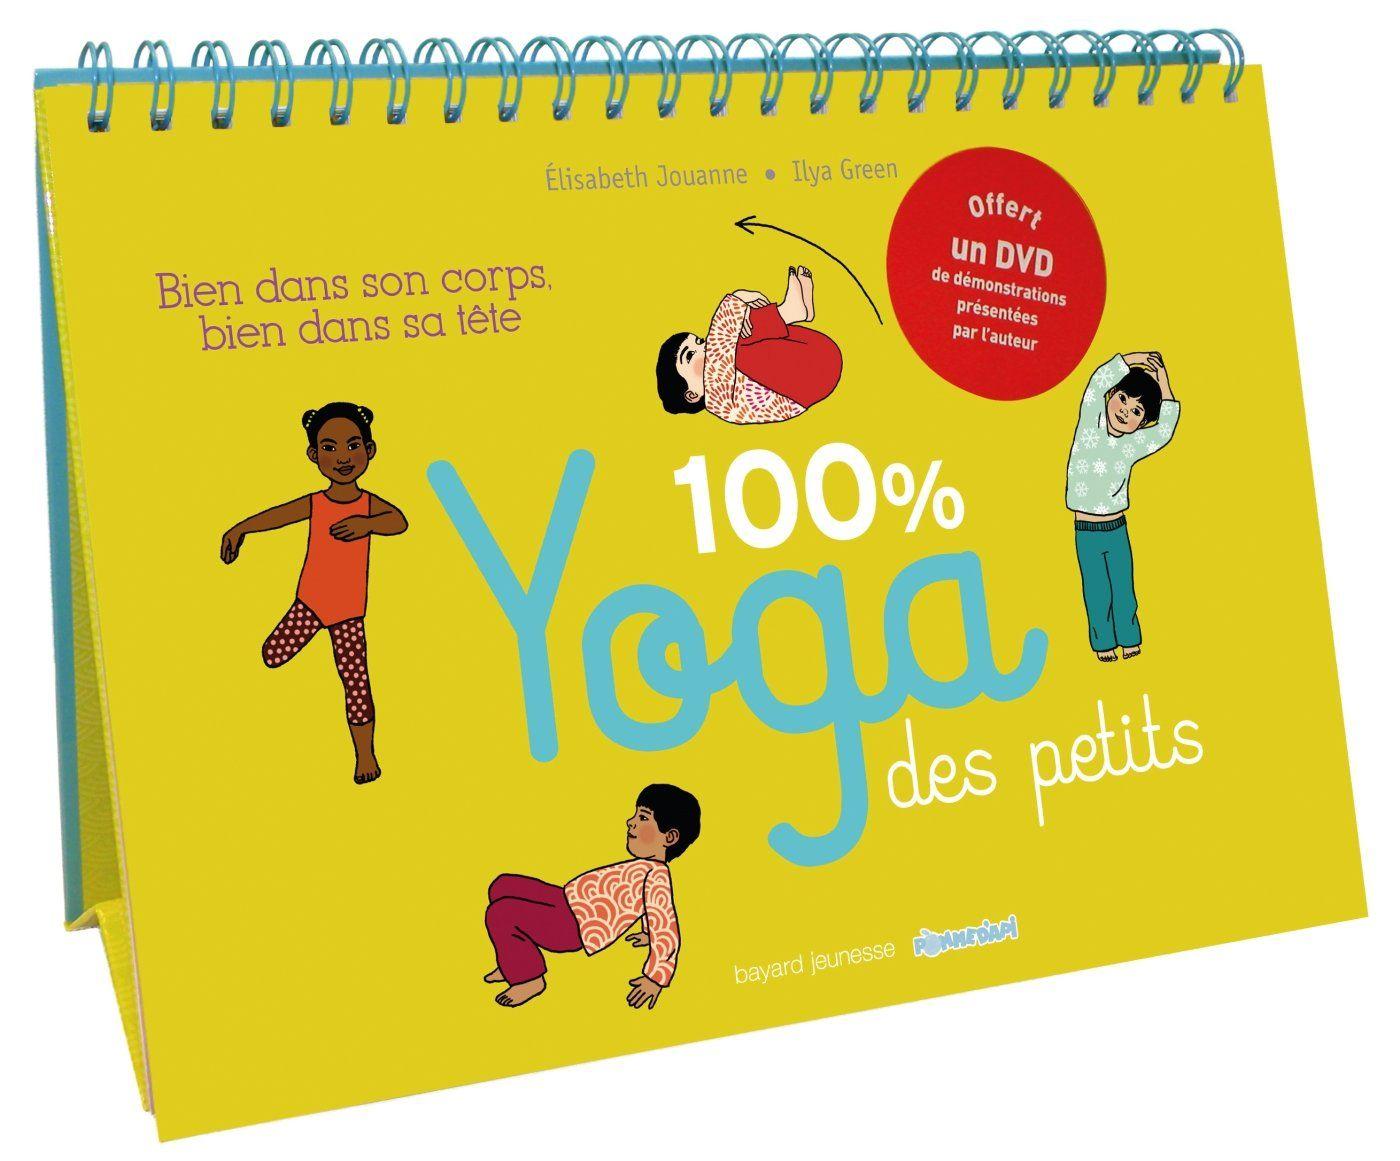 Le Livre 100 Yoga Des Petits Nous Offre Une Methode De Relaxation Pour Faciliter L Endormissement Les Enfants Elle Repos Yoga Enfant Yoga Exercice Relaxation